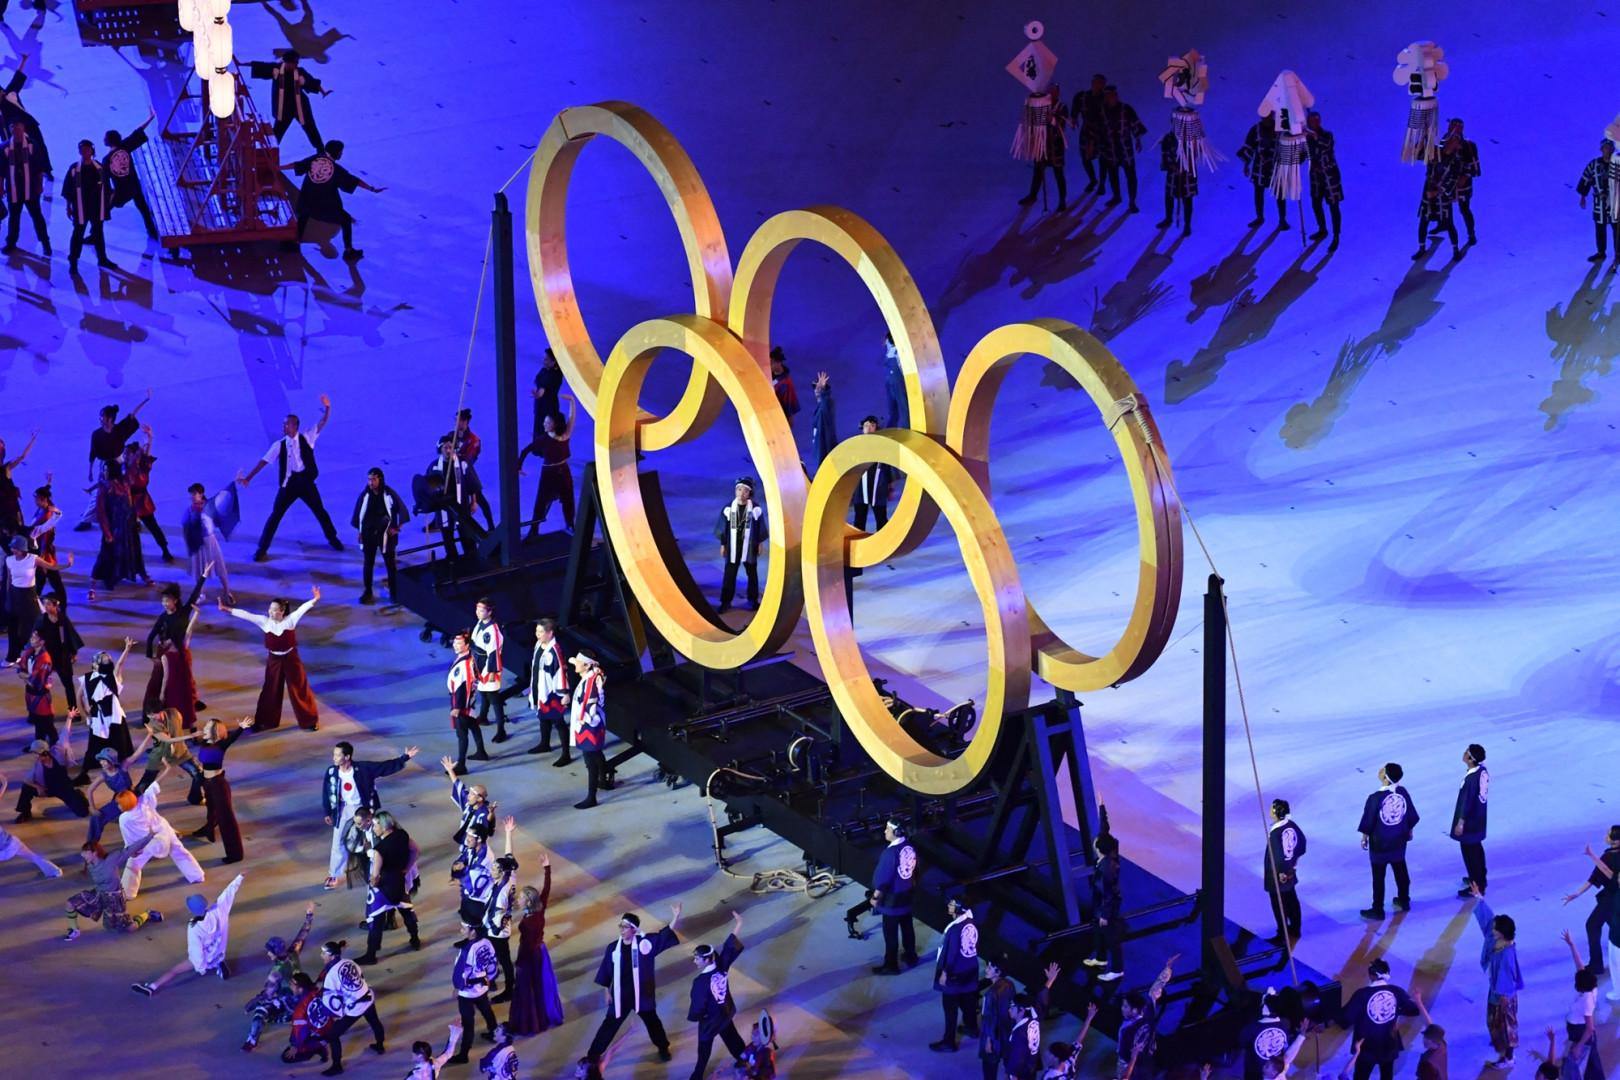 Les anneaux olympiques assemblés pour former le célèbre logo